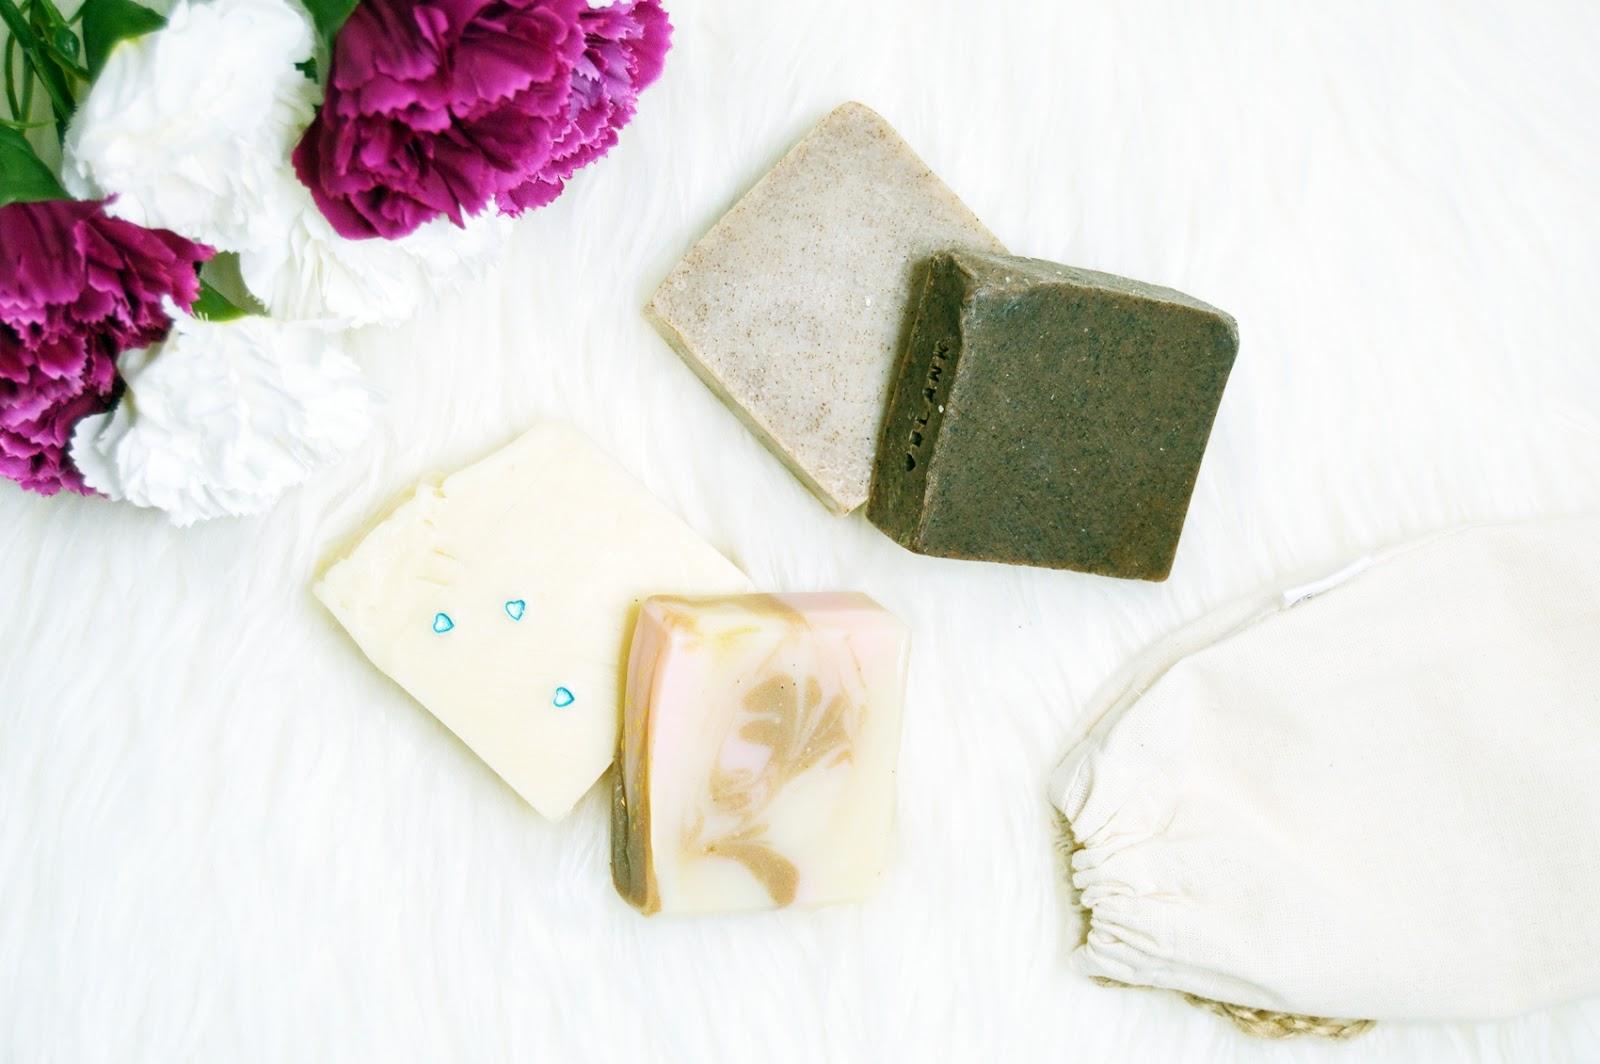 Naturalne odżywcze mydła – Blank mydlarnia